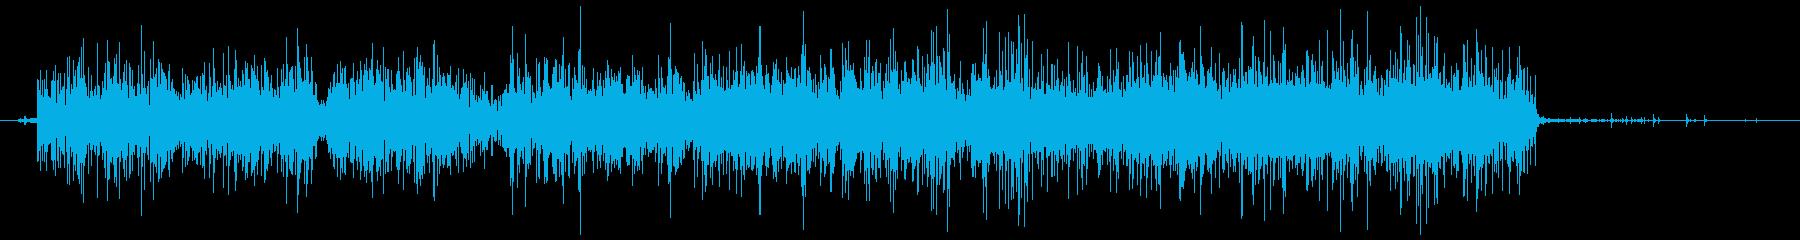 ノズル付きガーデンホース:ジェット...の再生済みの波形